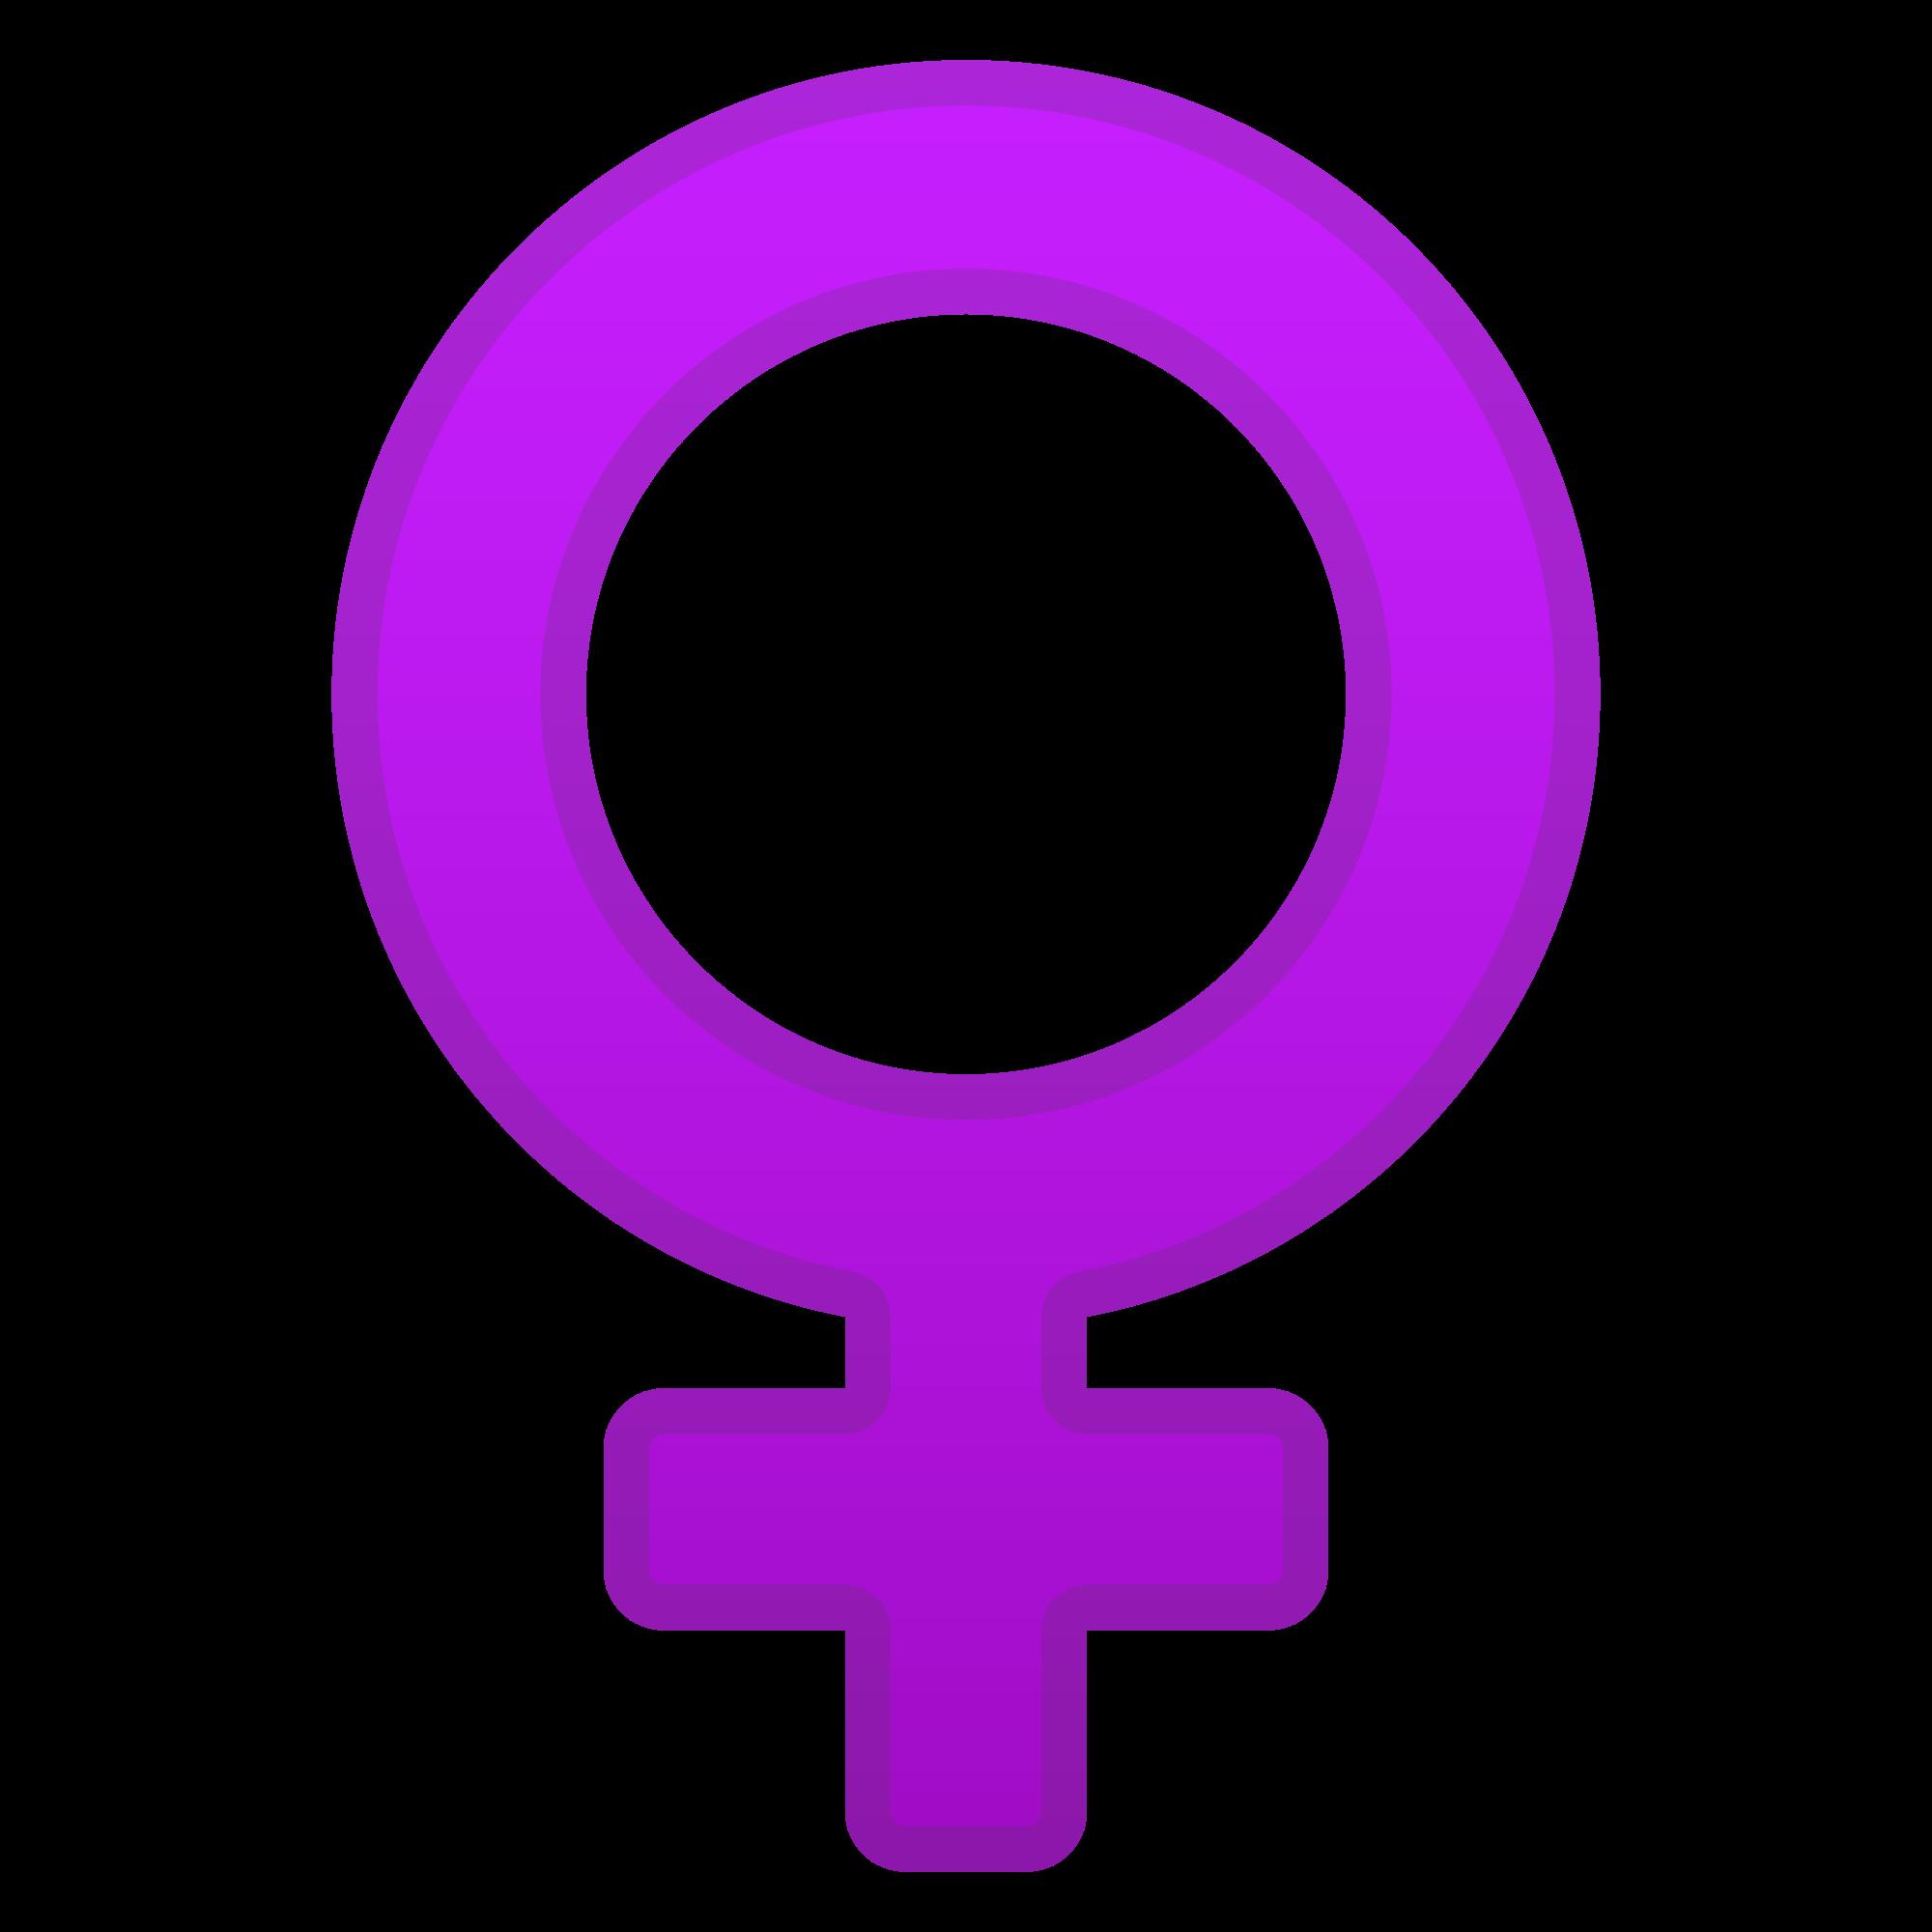 Oreo clipart symbol. File noto emoji svg